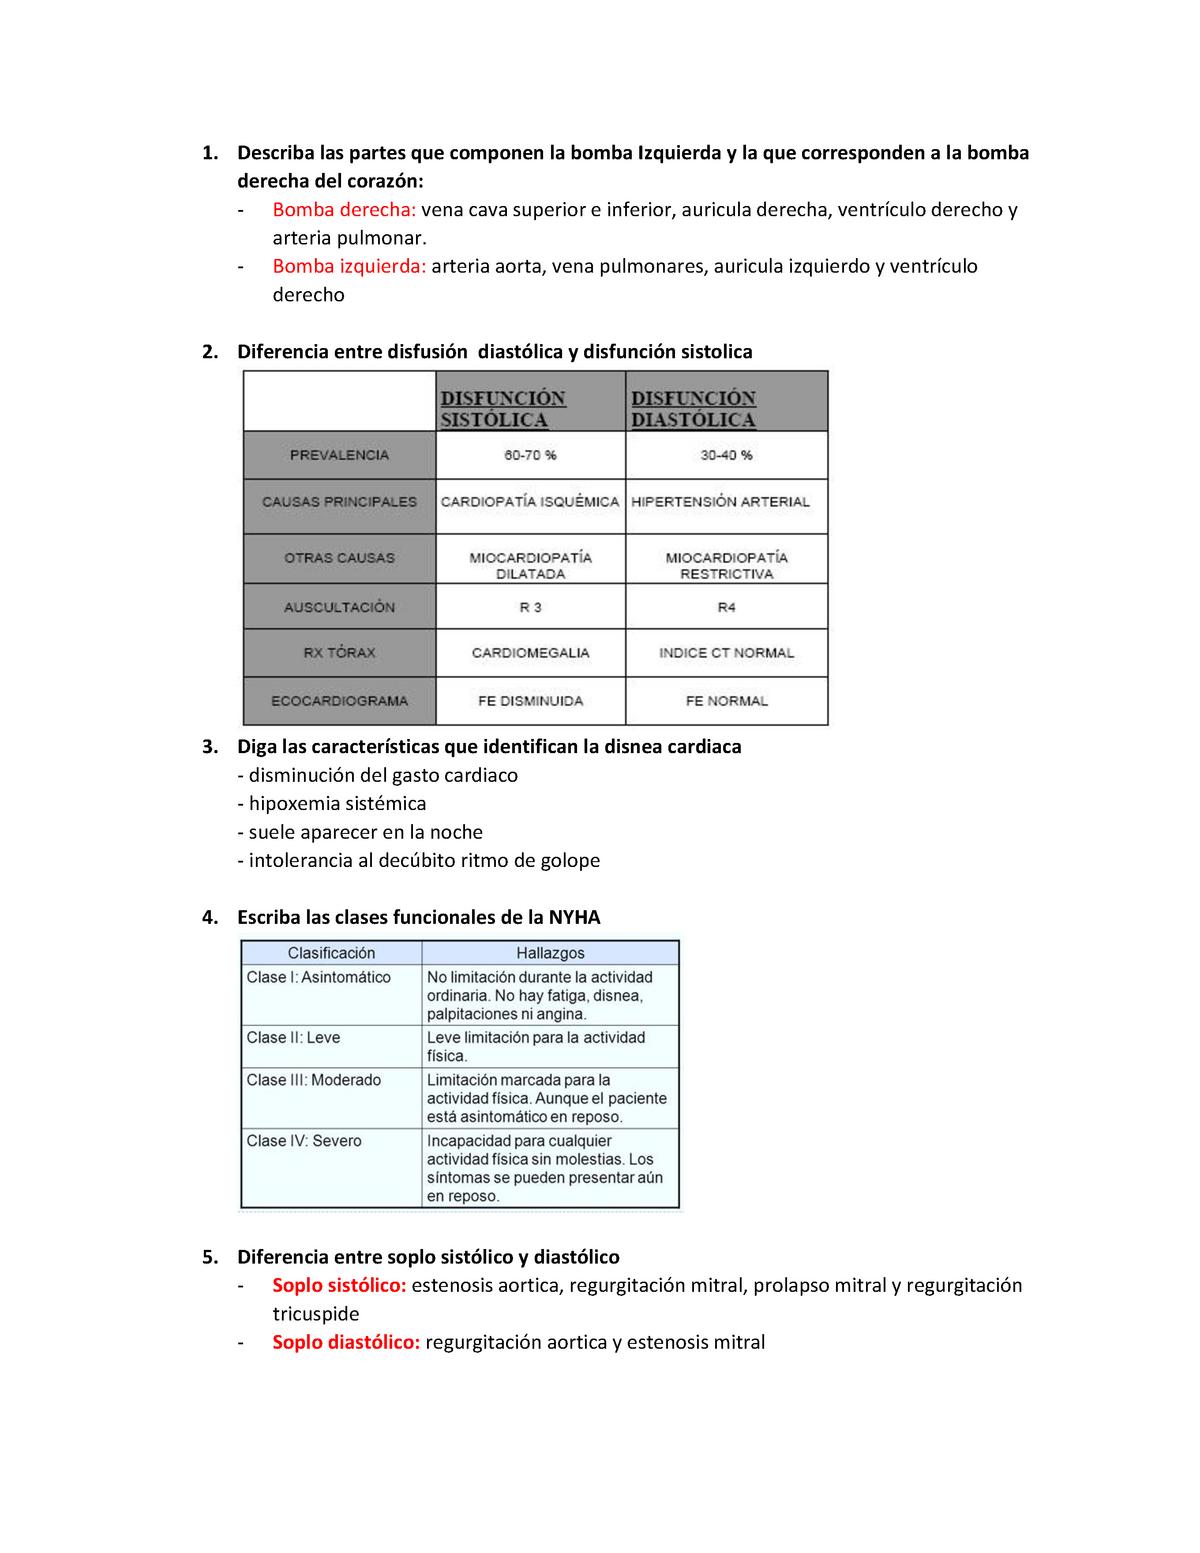 Diferencia entre un soplo sistólico y diastólico